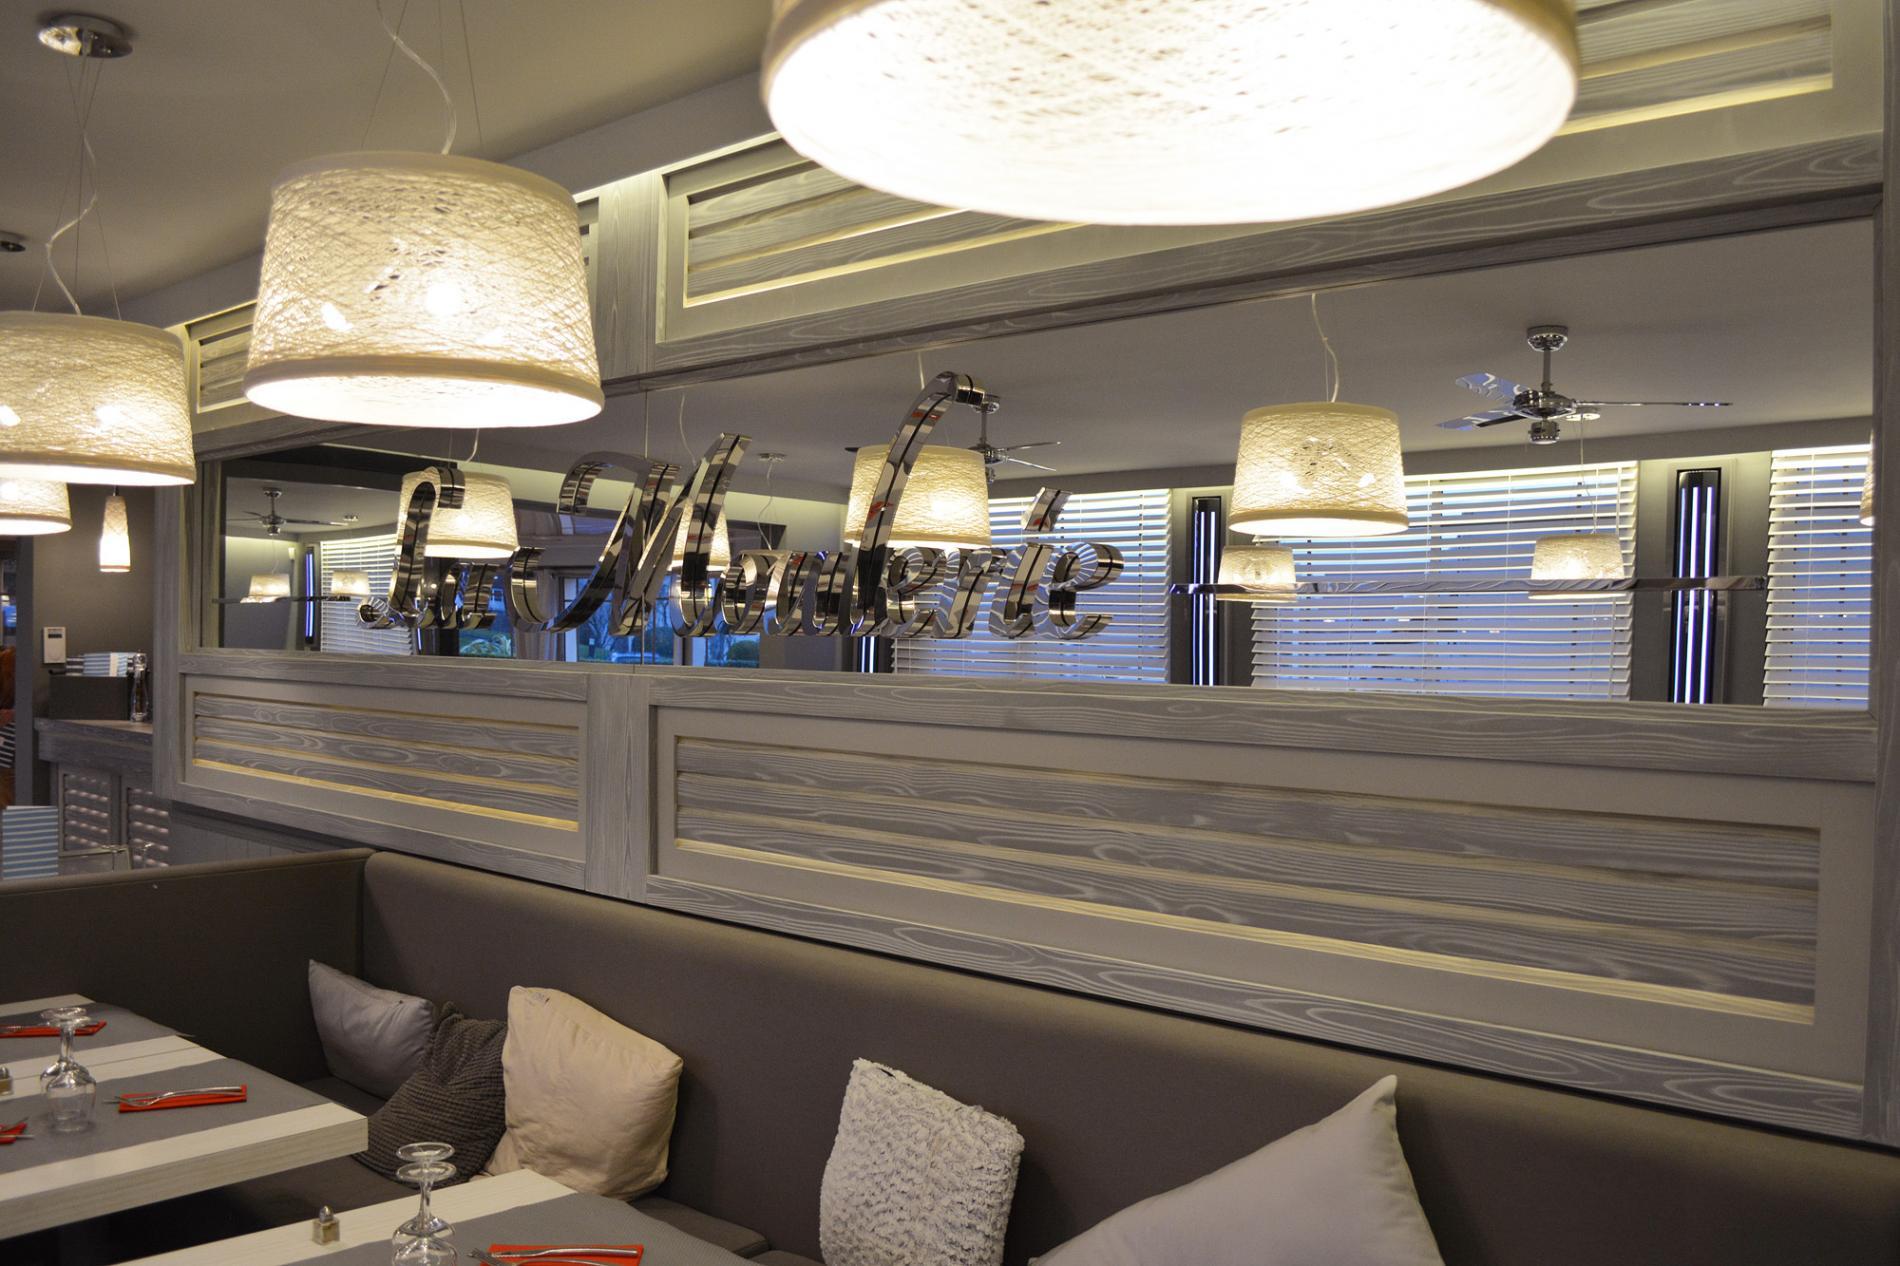 Décor salle de restaurant La Moulerie - Ouistreham